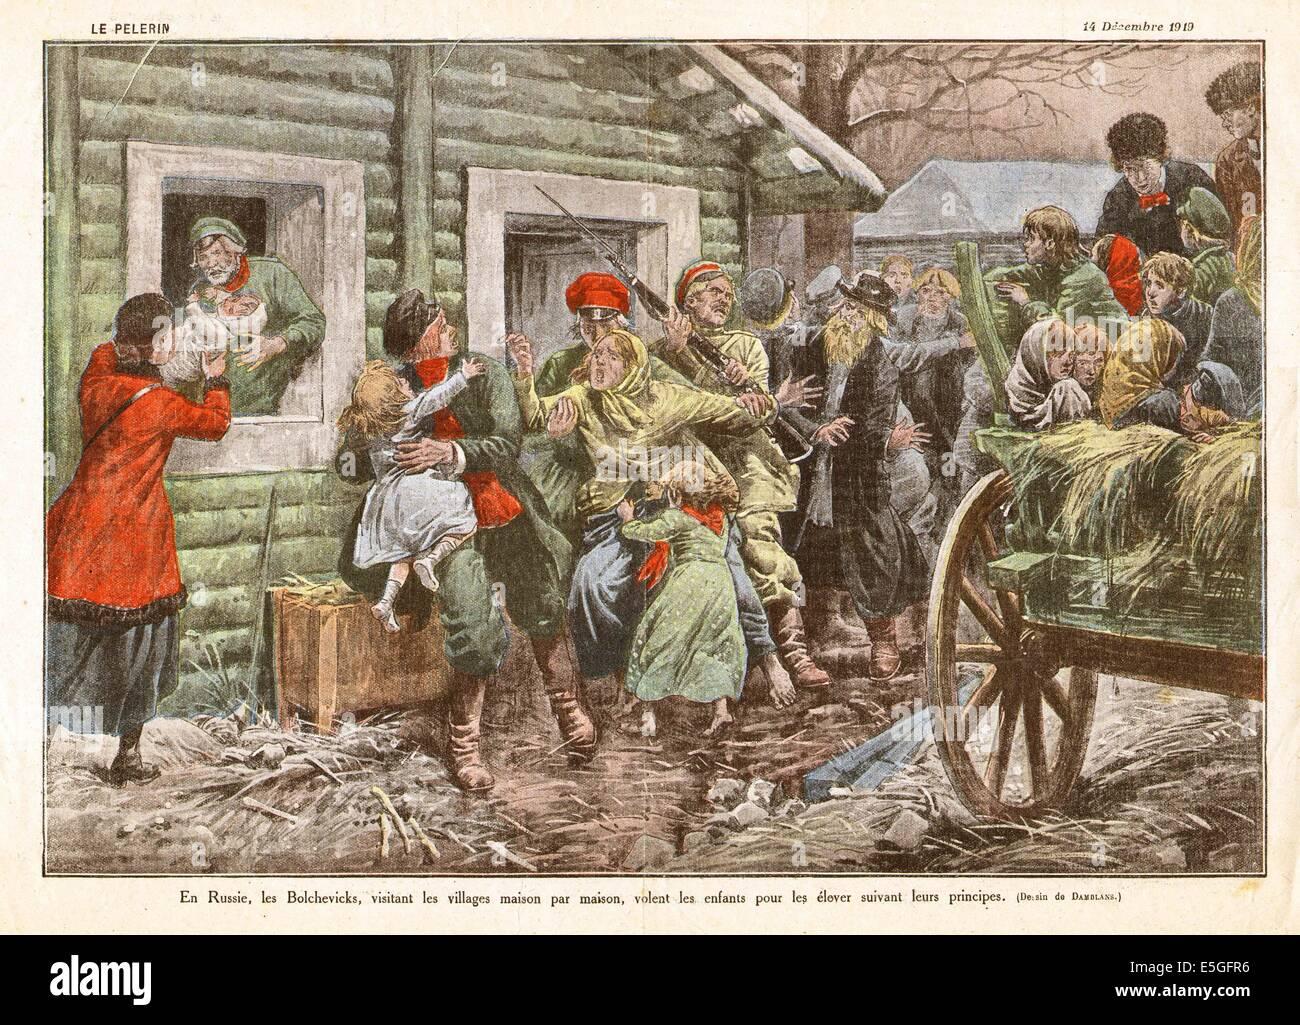 1919 La Pelerin (French) page  illustration Russian civil unrest in Russia - Stock Image